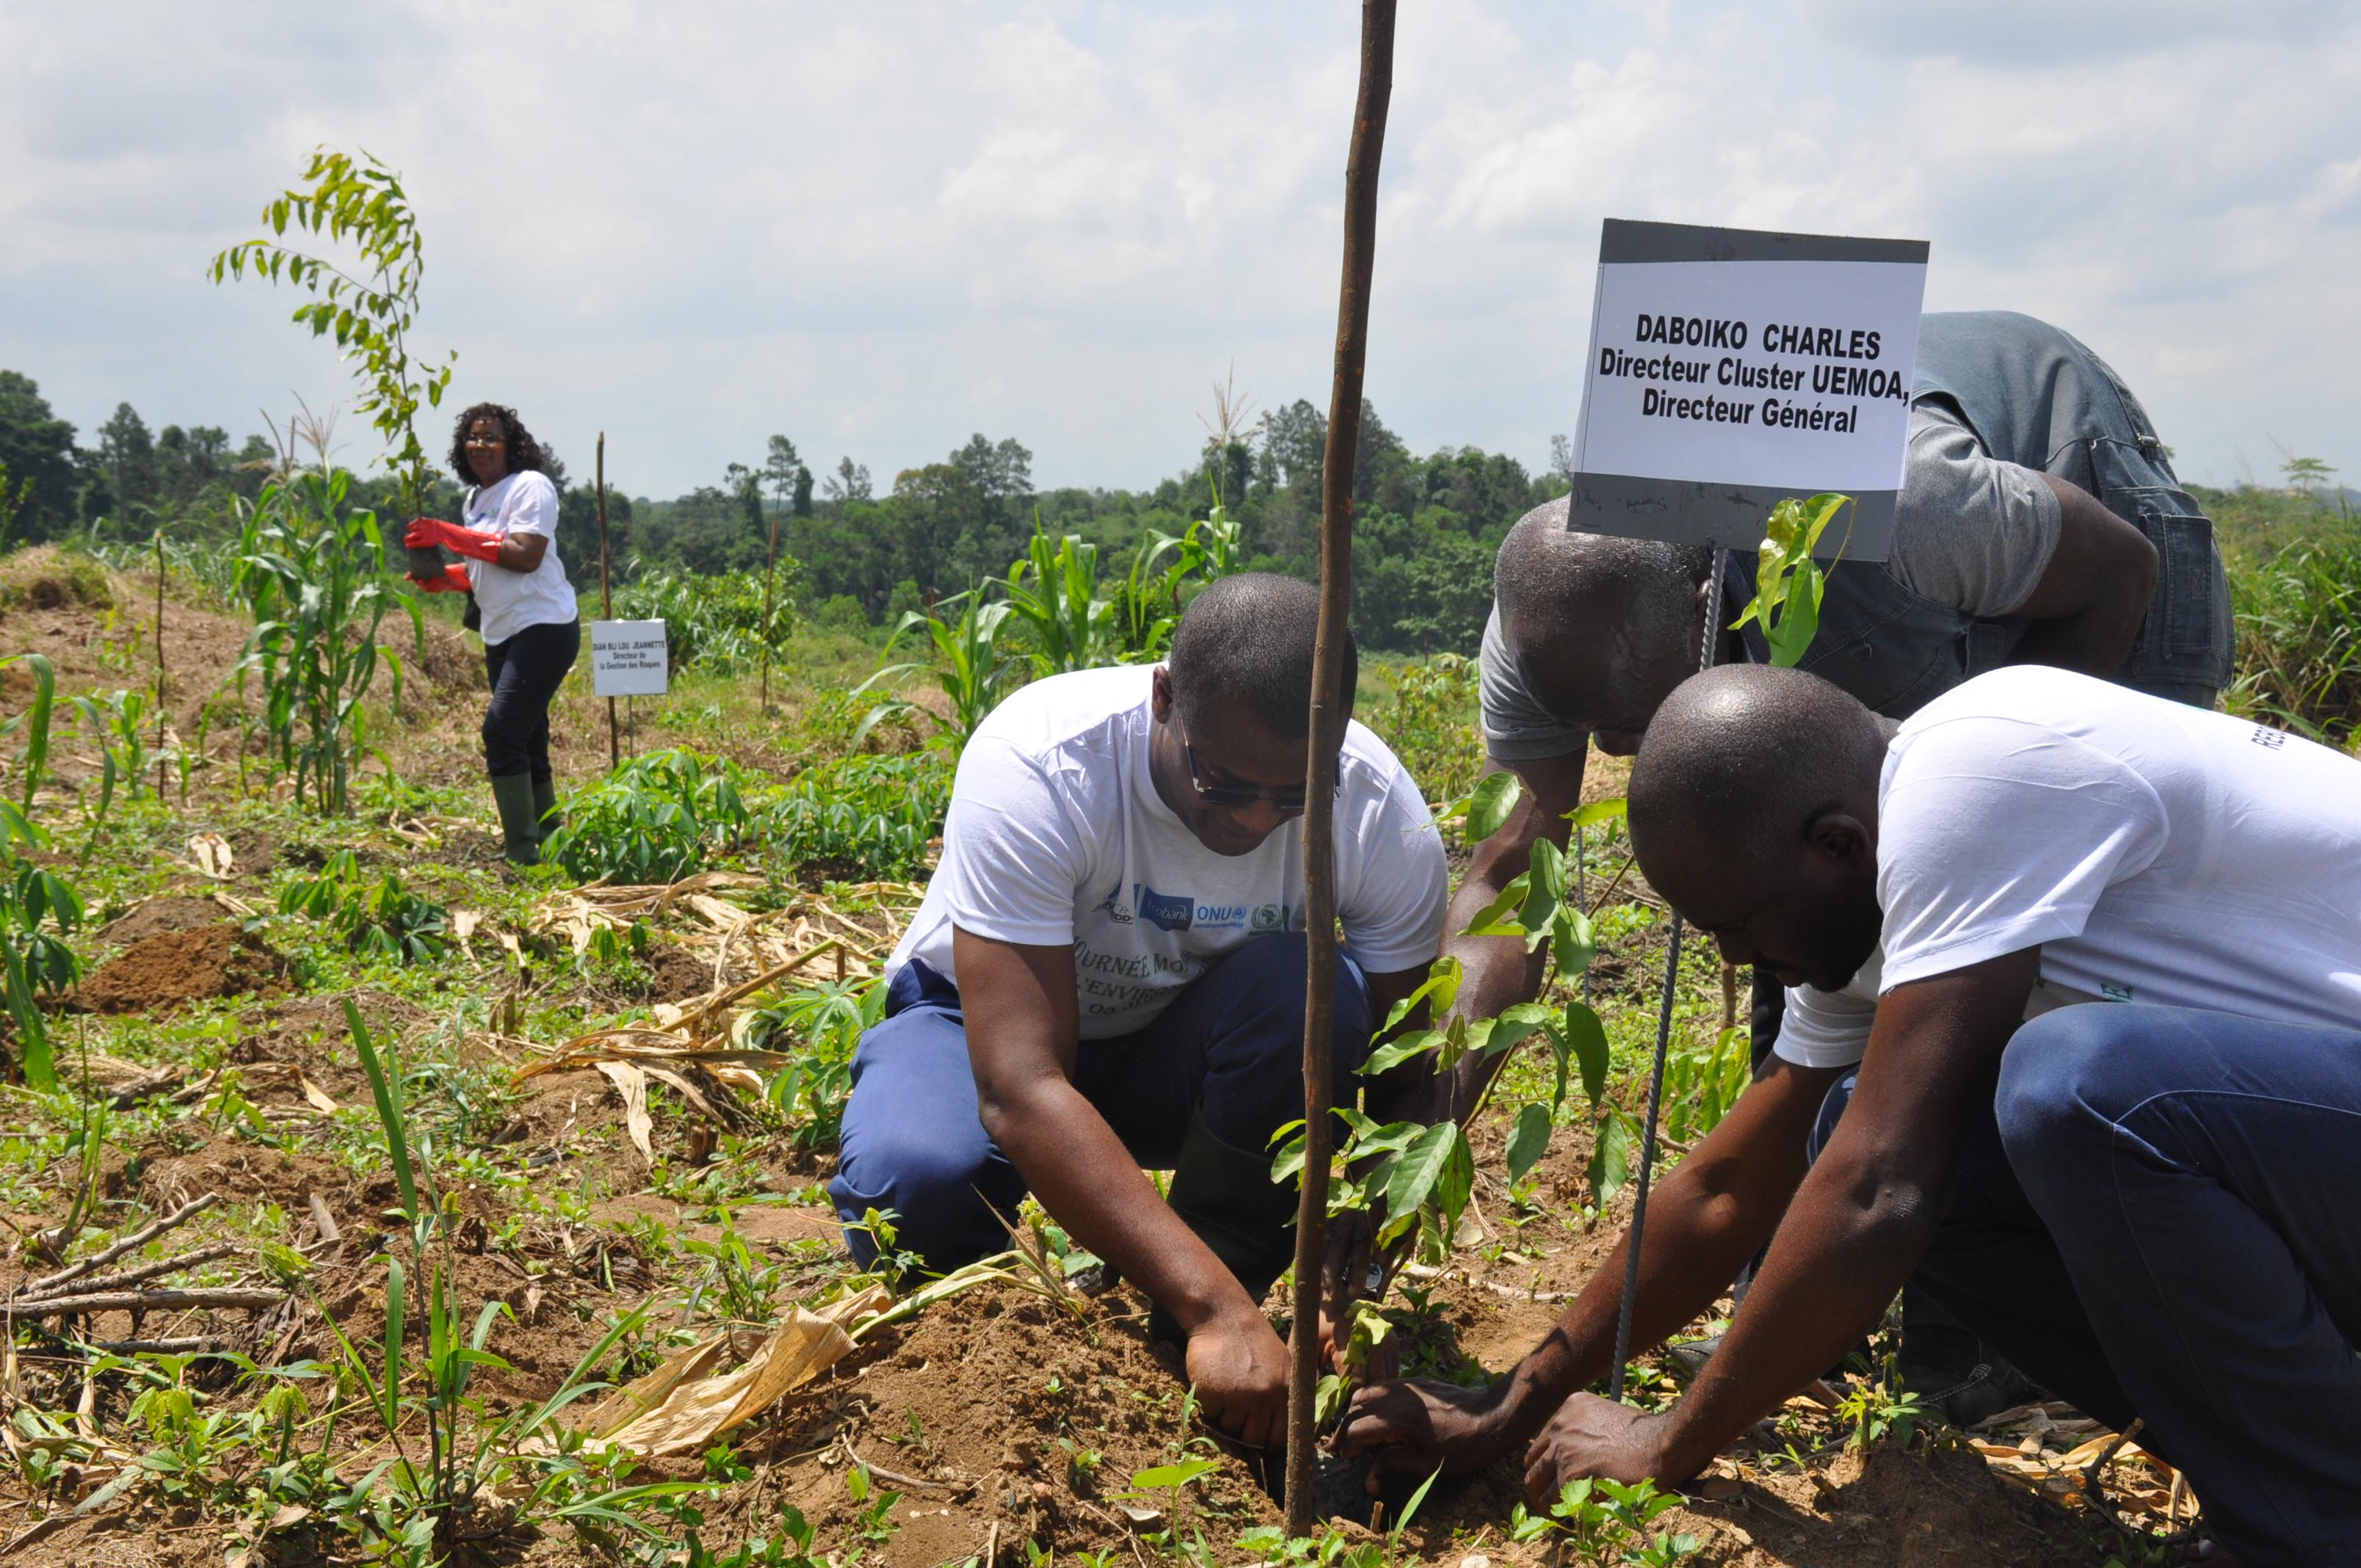 Environnement : ECOBANK reboise deux hectares de forêt à Abidjan